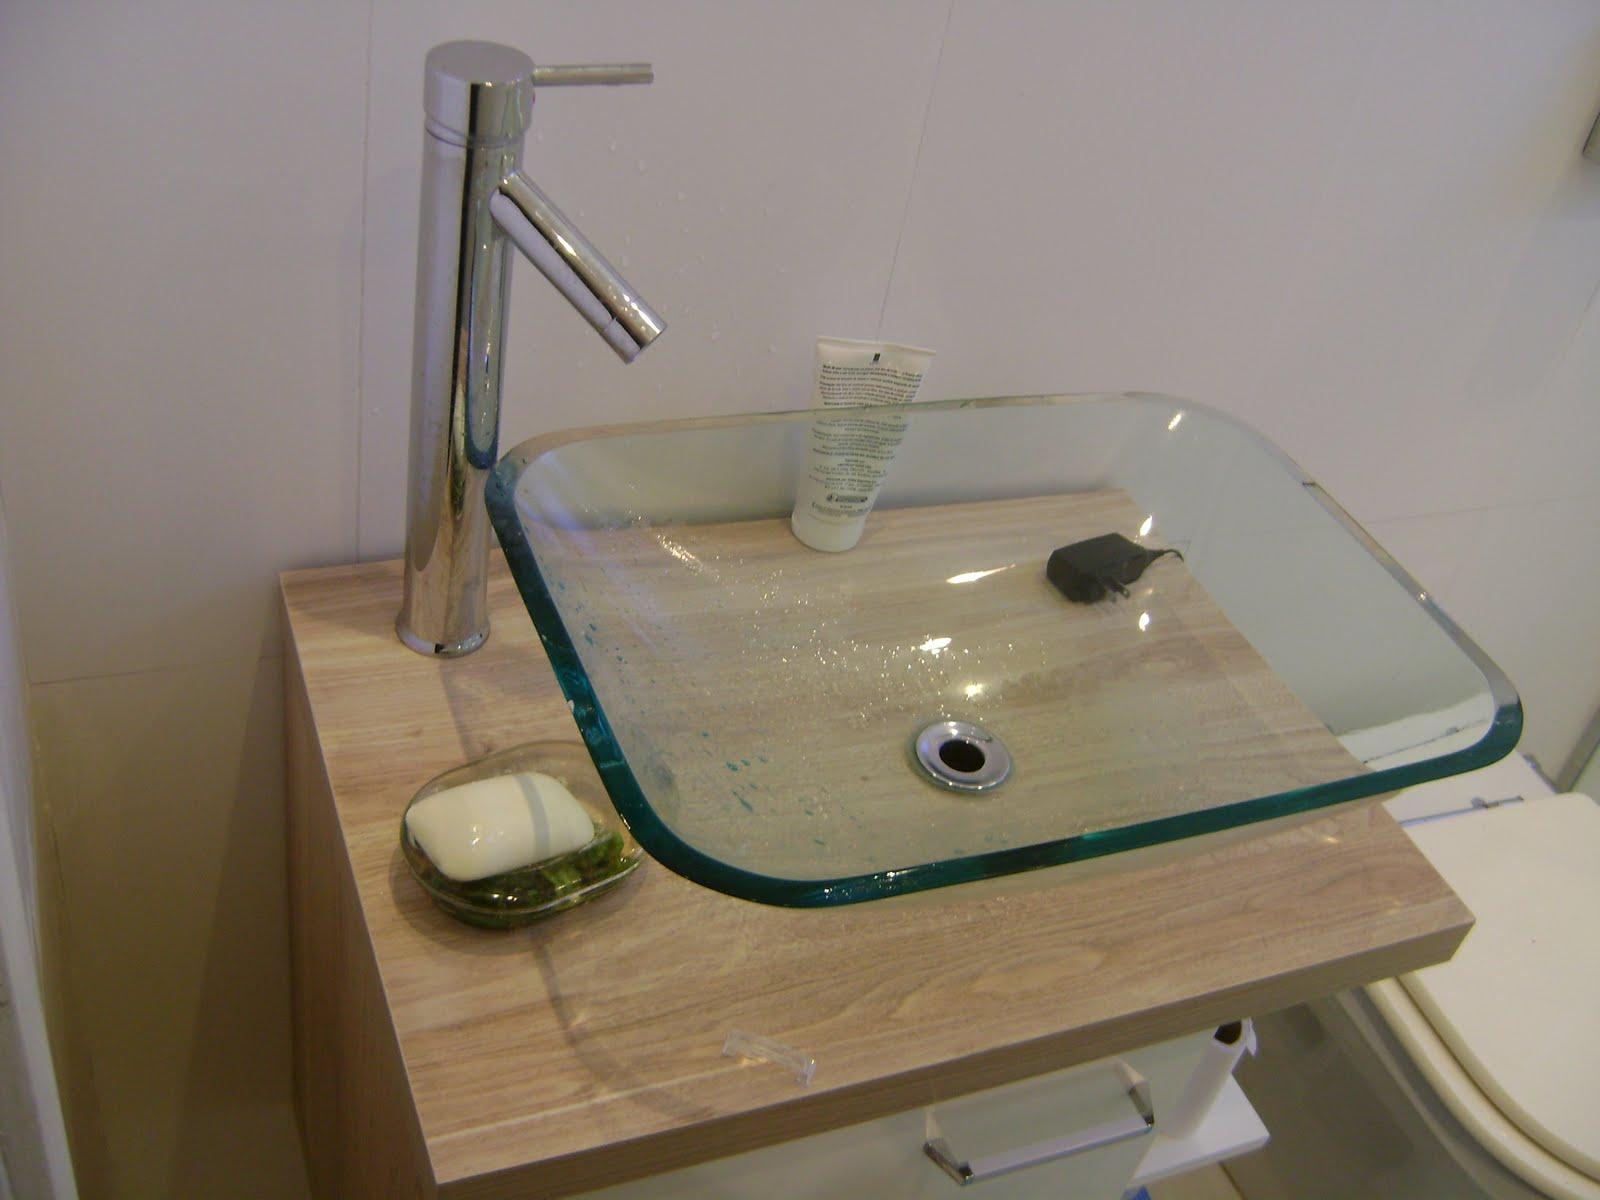 01 ano de uso com cuba de vidro transparente e torneira monocomando #403823 1600x1200 Armario De Banheiro De Vidro Com Cuba